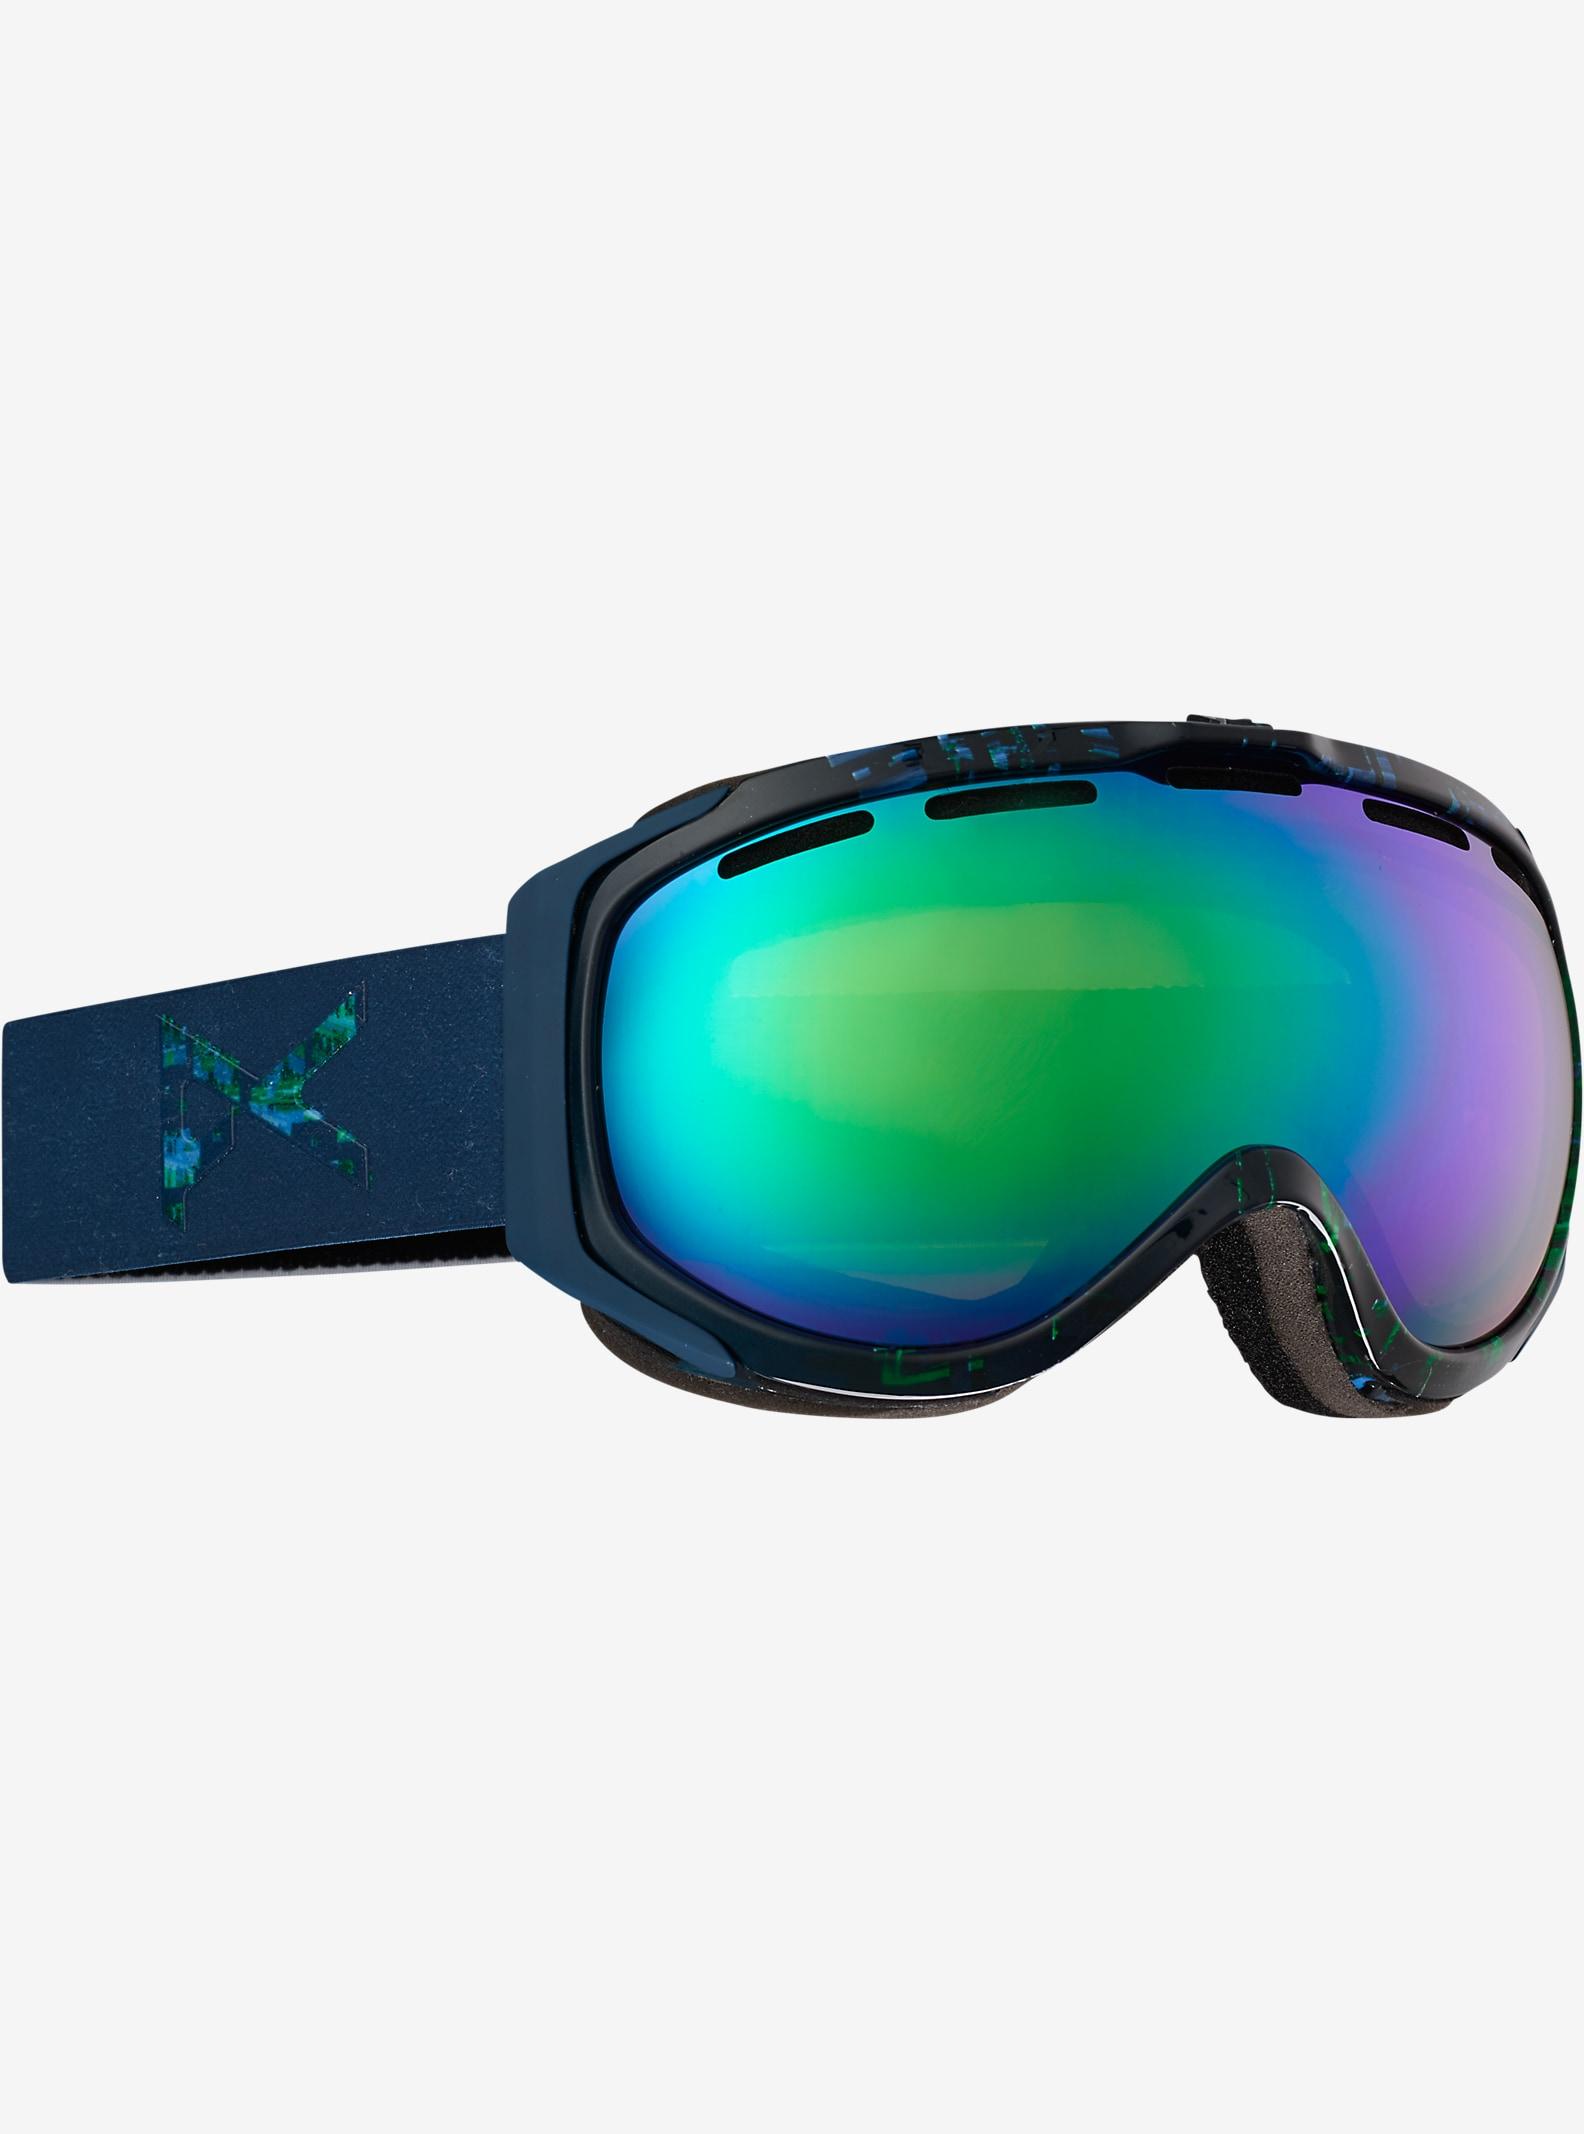 Anon Snowboard Goggles Edwf